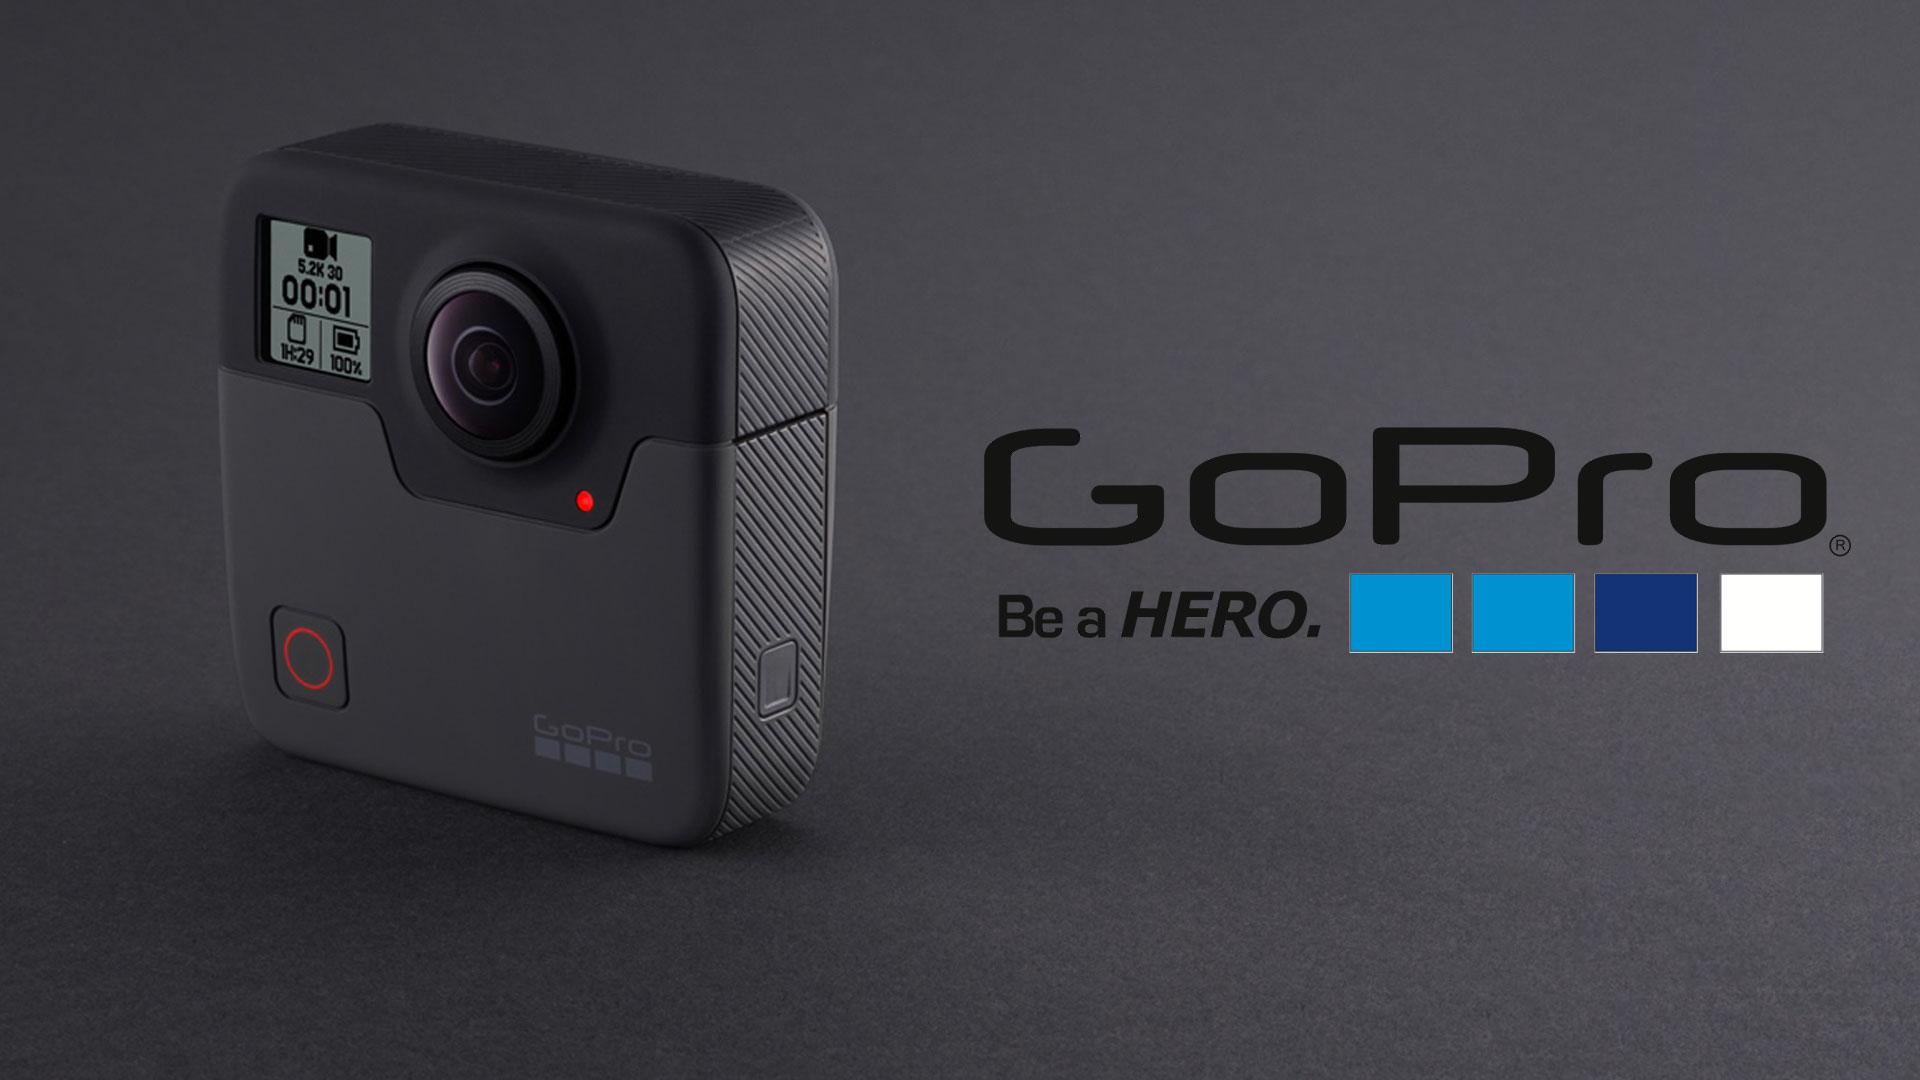 GoPro FusionがBeta Firmware 2.0で5.8K記録を実現